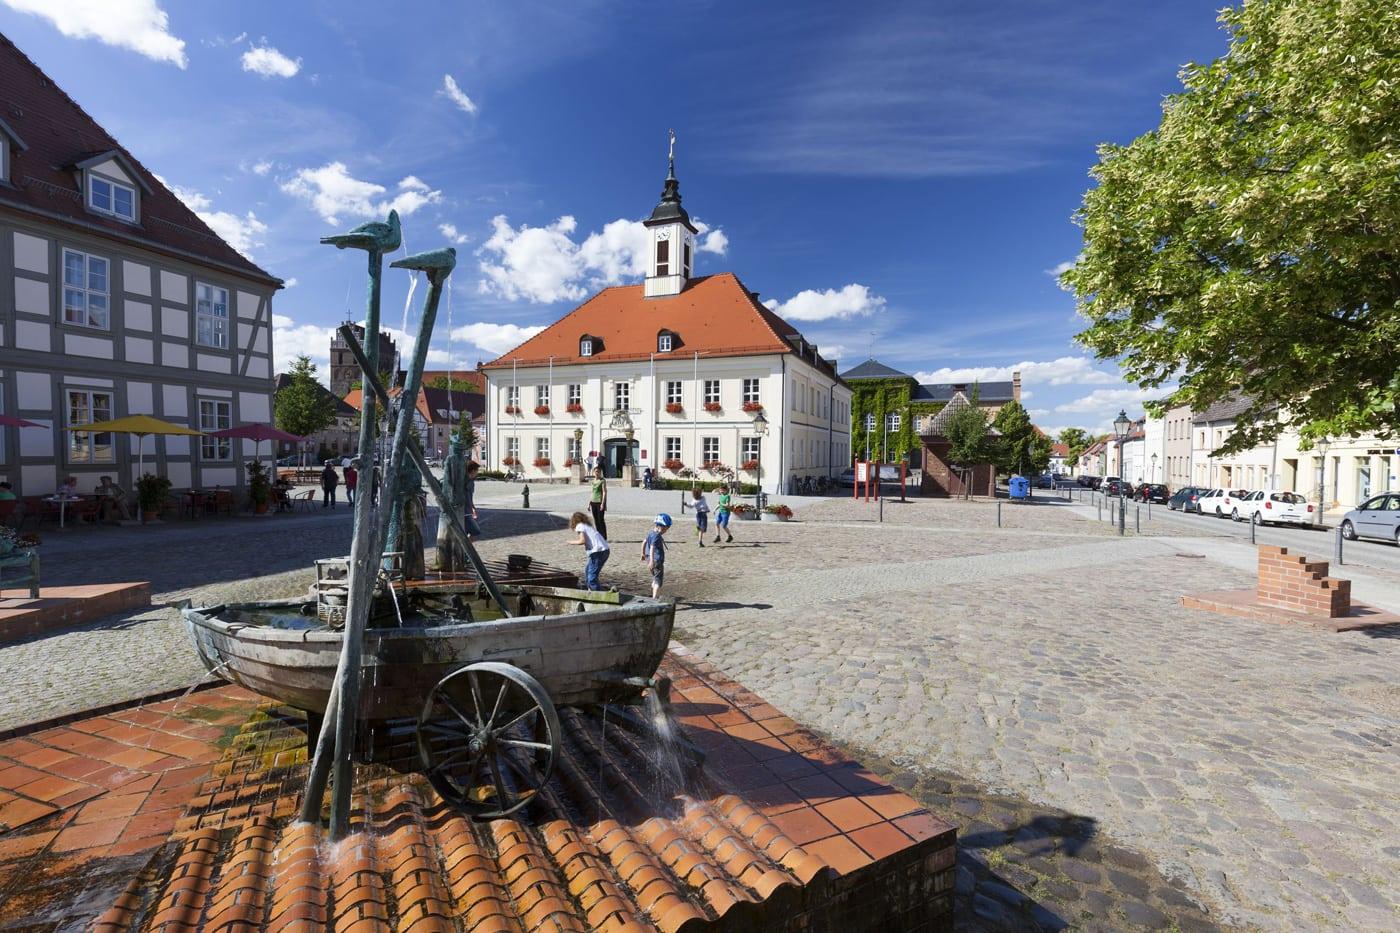 Radtour mit Kindern in Brandenburg: Von Angermünde nach Templin: Marktplatz Angermünde // HIMBEER